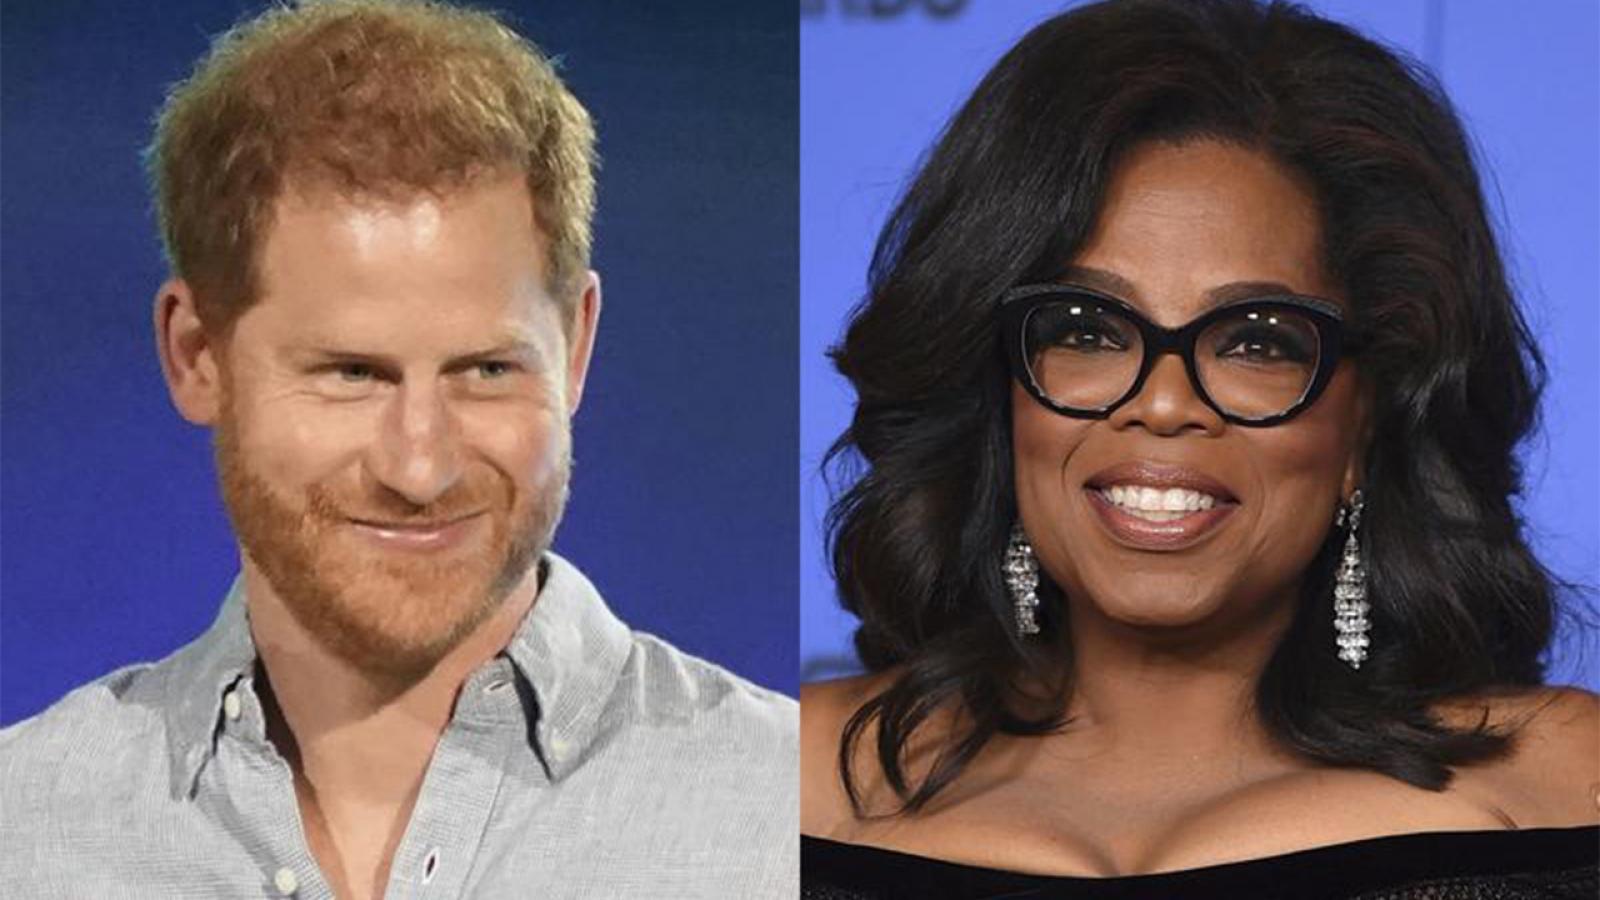 Hoàng tử Harry và Oprah Winfrey hợp tác trong loạt Apple TV+ về sức khoẻ tinh thần